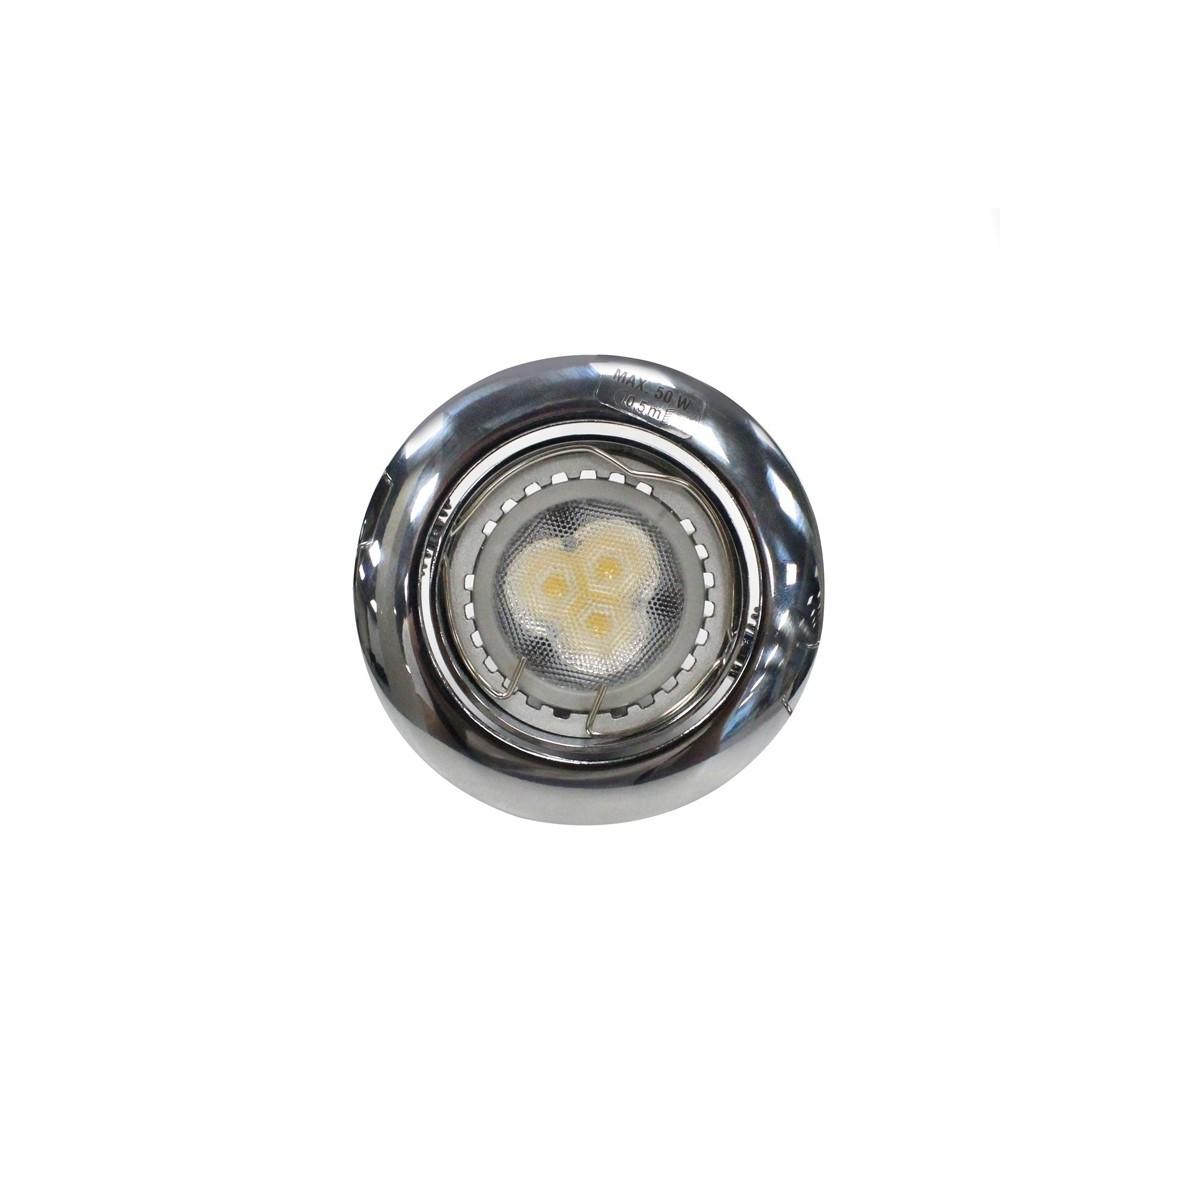 Empotrable LED GU10 7W redondo basculante cromo